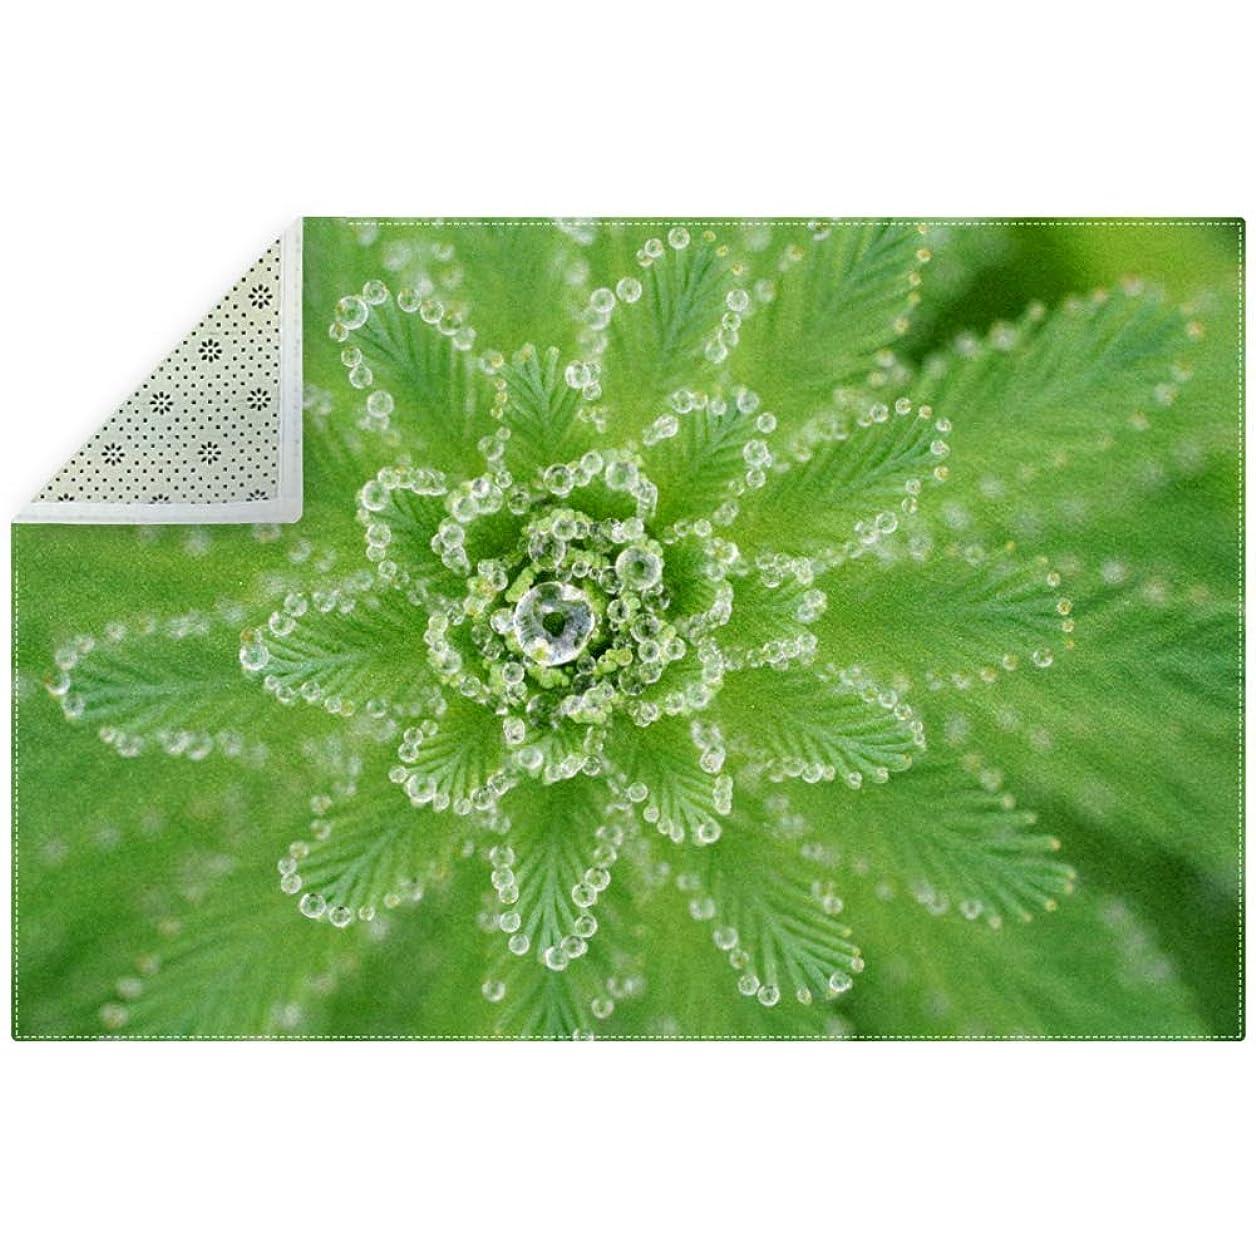 要求する埋める満州AyuStyle ラグ カーペット ラグマット 露 緑 夏 植物 葉 草 絨毯 マイクロファイバー 滑り止め 洗える ウォッシャブル ホットカーペット対応 フロアマット 200×150cm